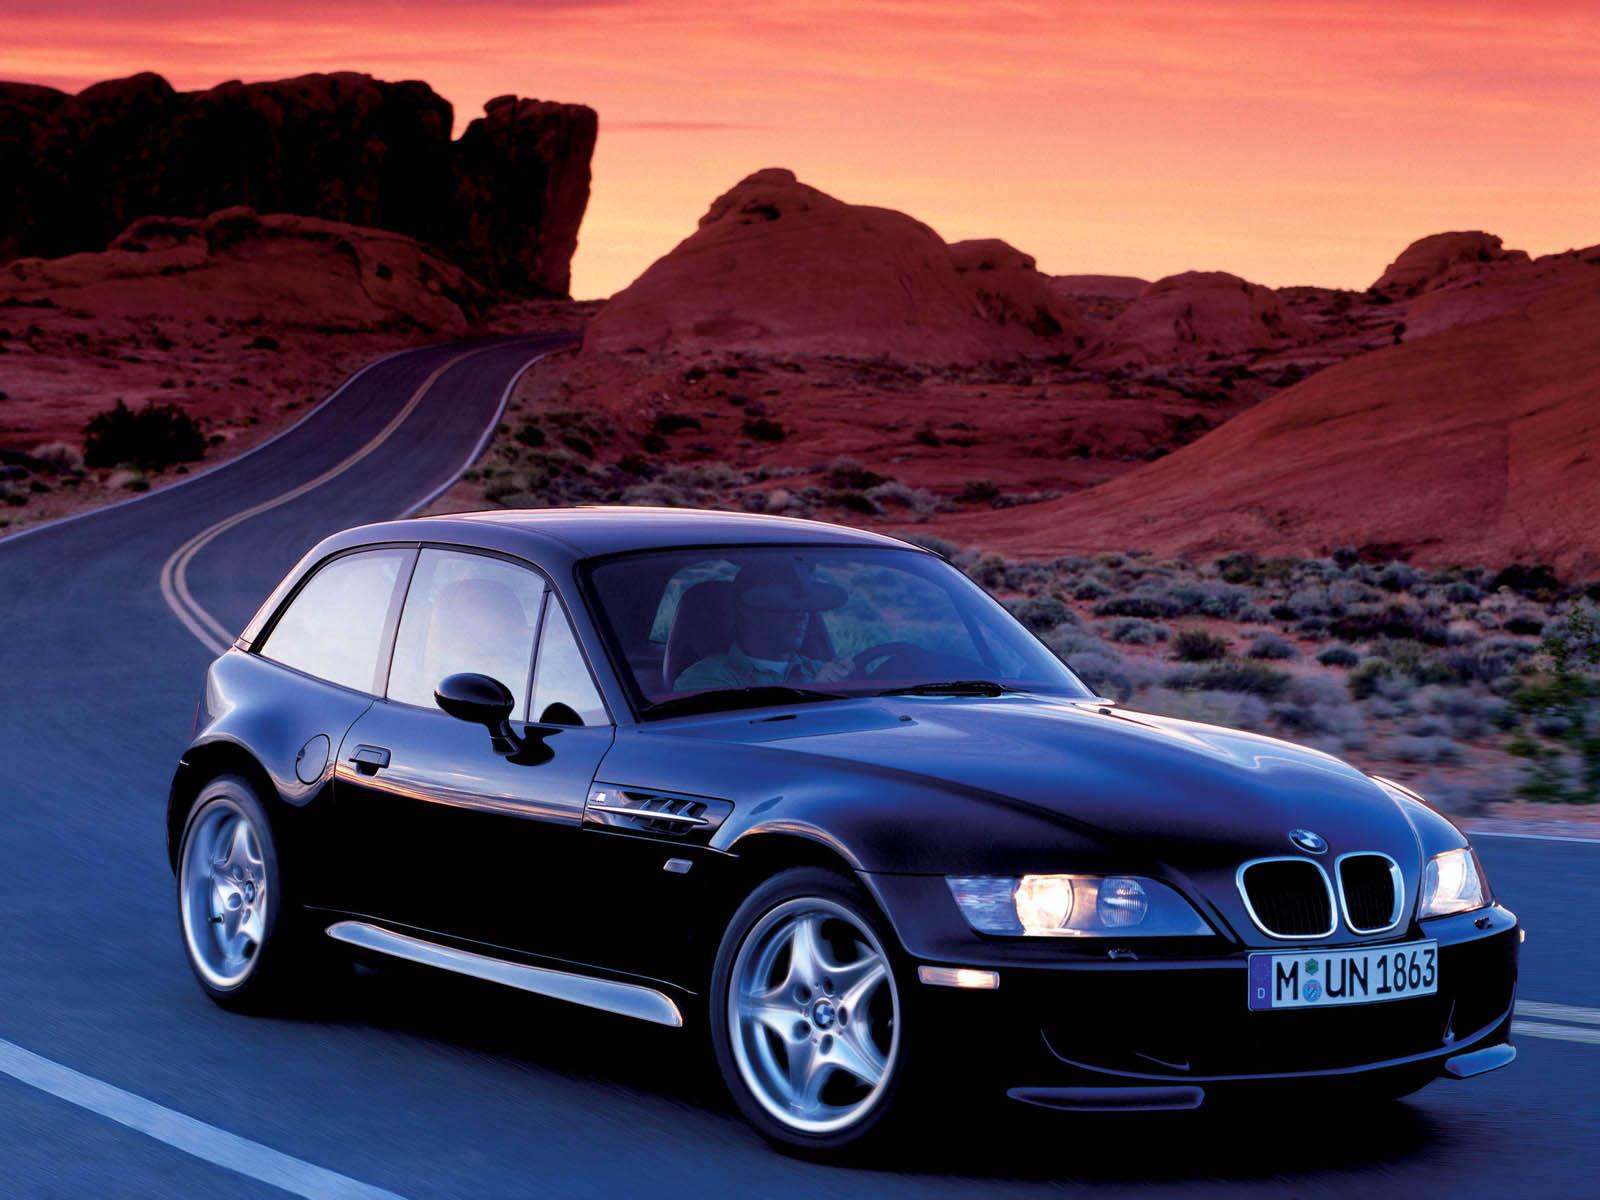 bmw z3 coupe coupe 1999 bmw z3 1996 photo 5